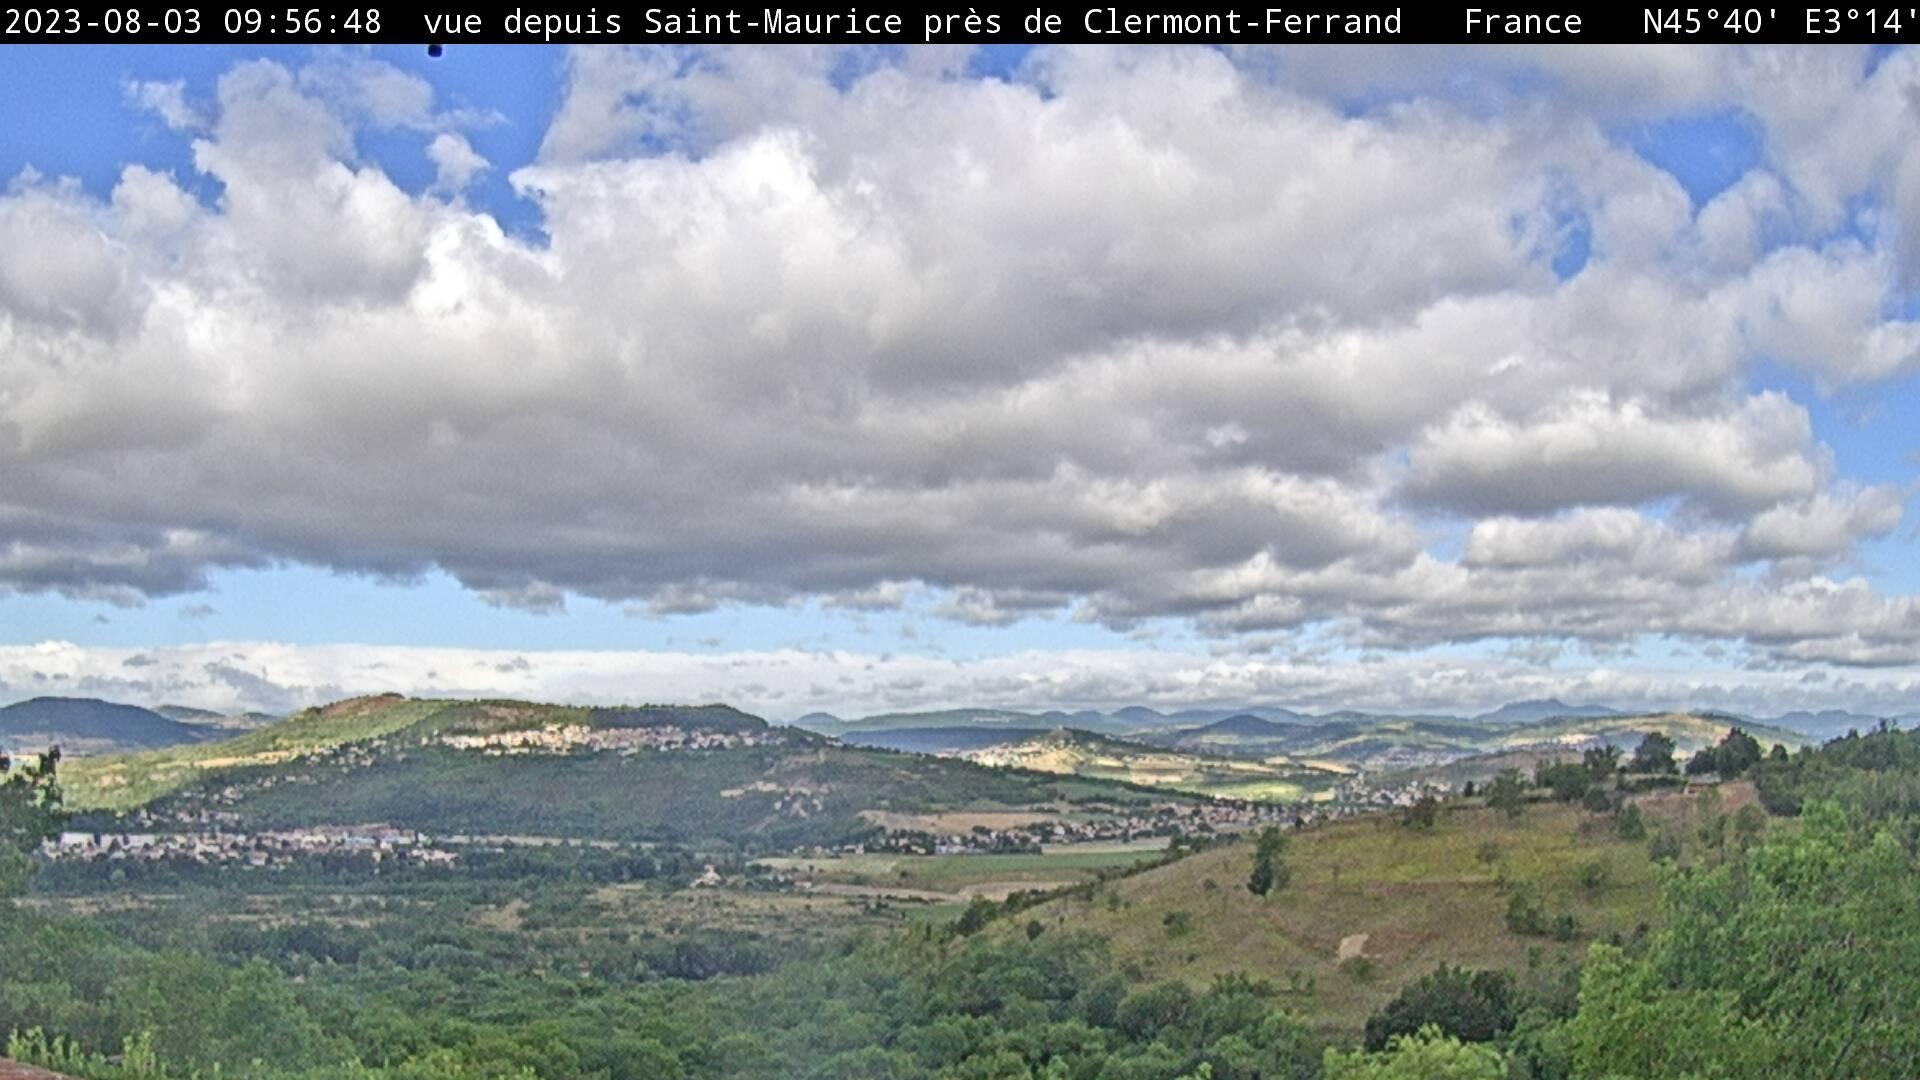 Saint-Maurice Sun. 09:57